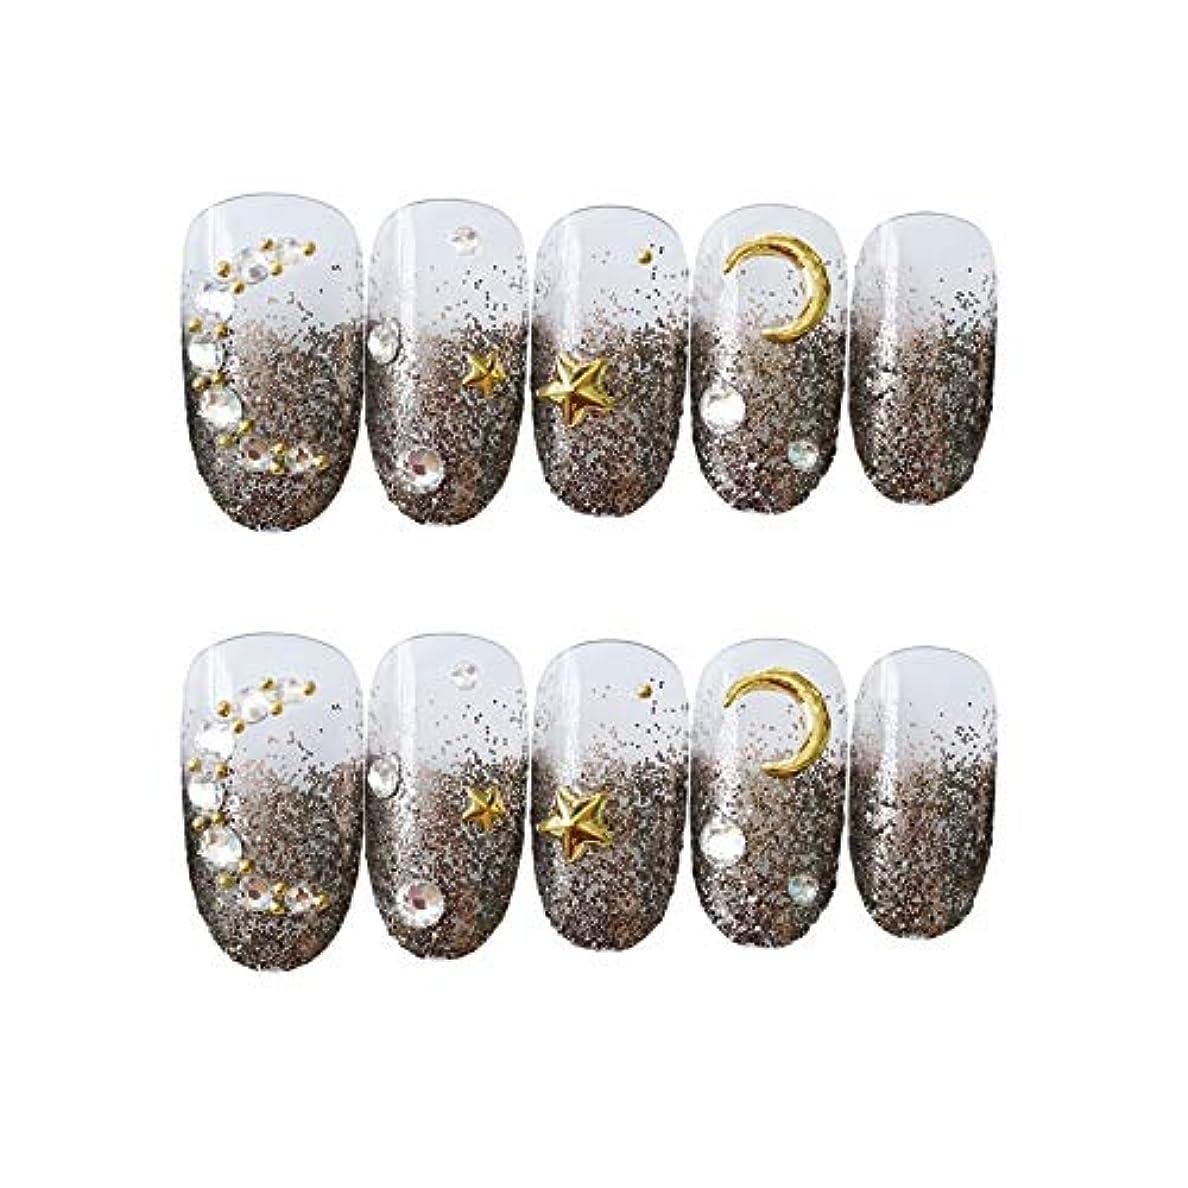 XUANHU NAIL PATCH 3D ネイルチップ 綺麗な飾り付け 24枚入 原宿 和風 夢幻 和装 手作りネイルチップ 結婚式ネイルチップ